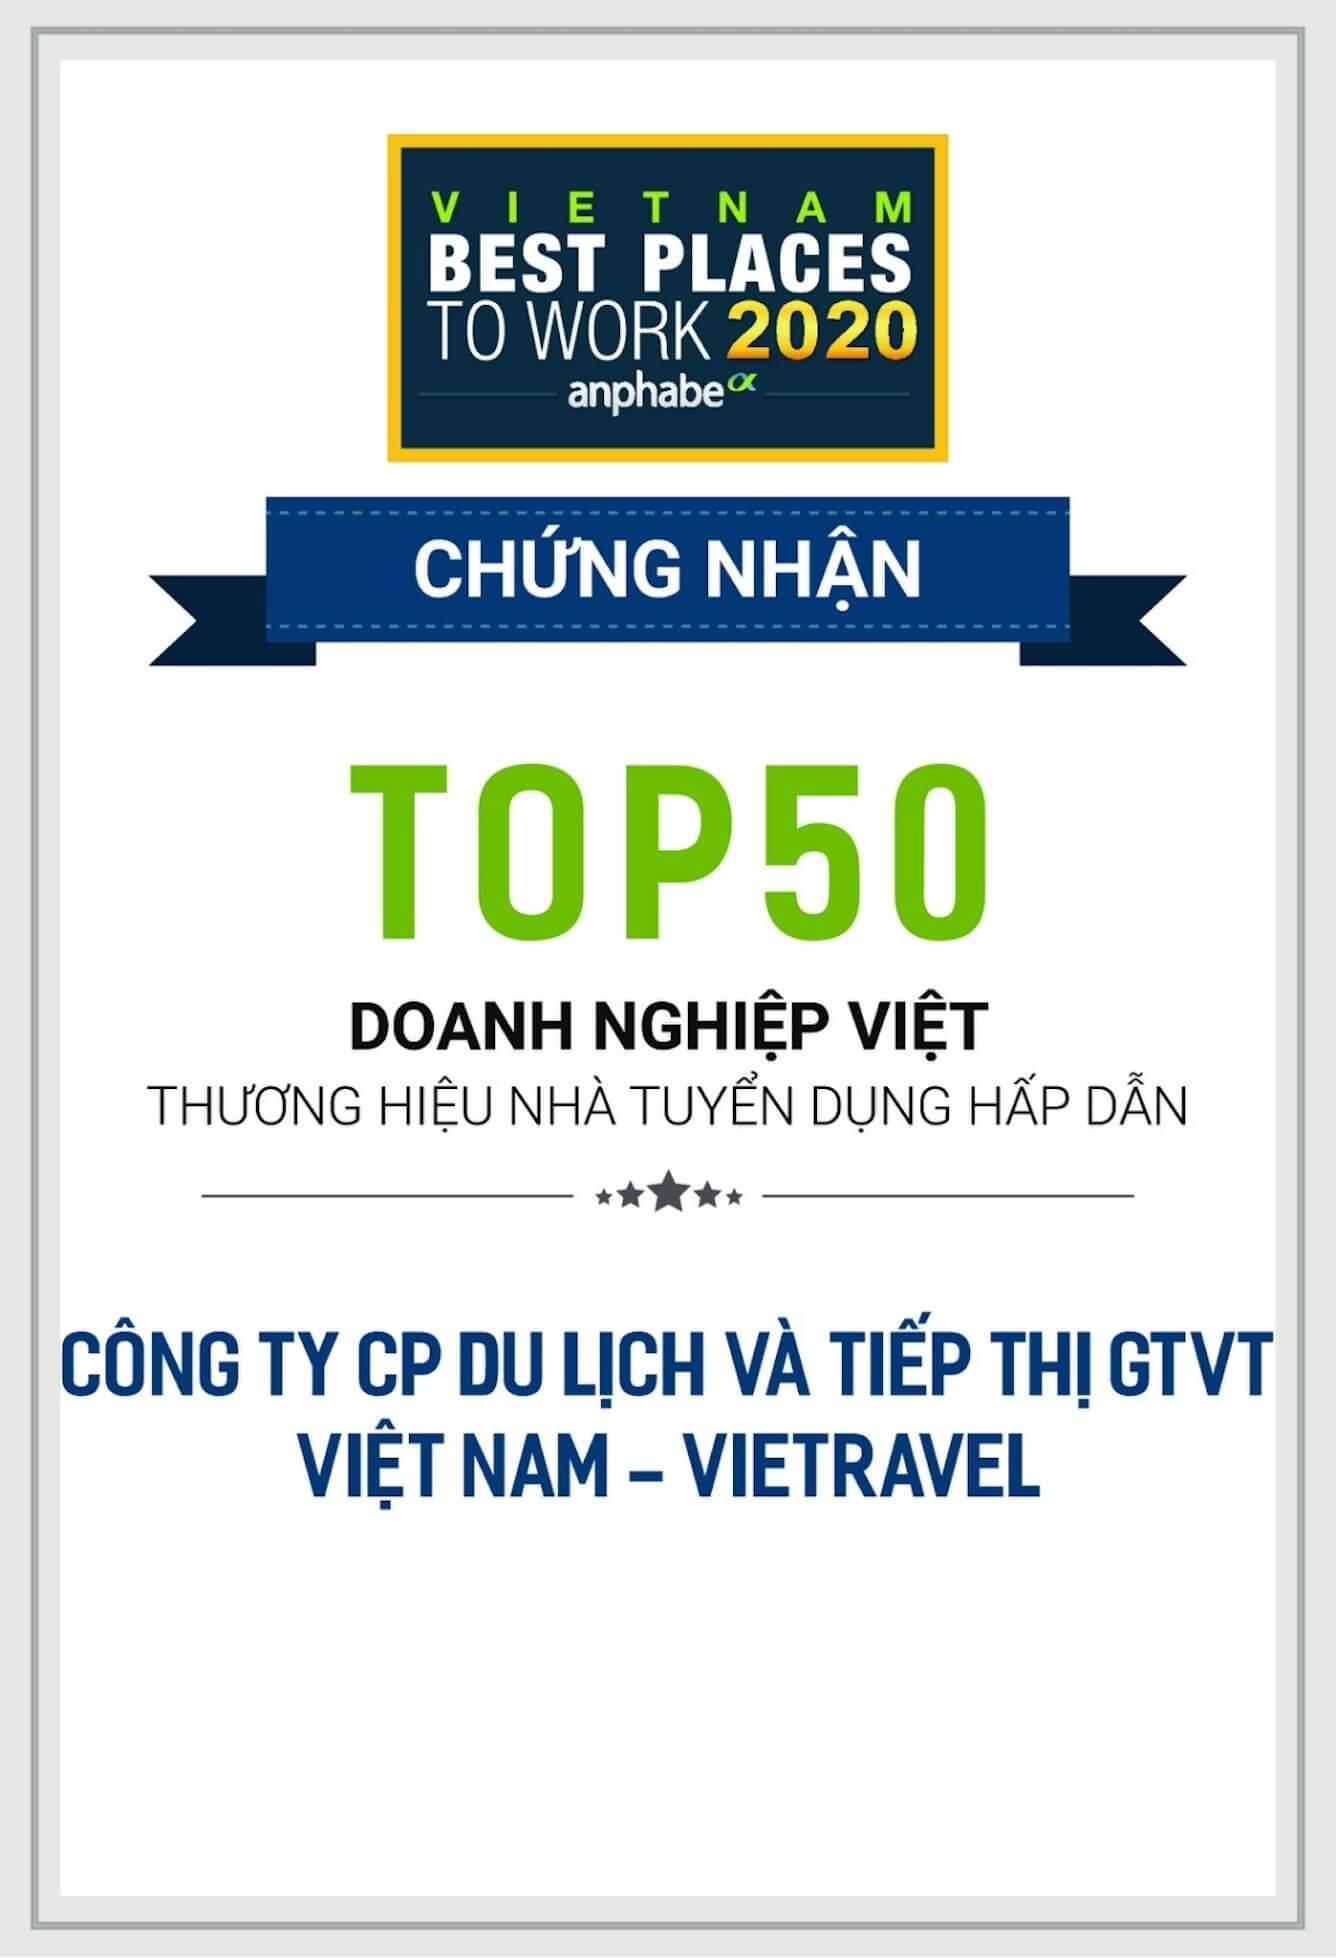 Vietravel vinh dự lần thứ 3 đạt Top 50 doanh nghiệp Việt tuyển dụng hấp dẫn